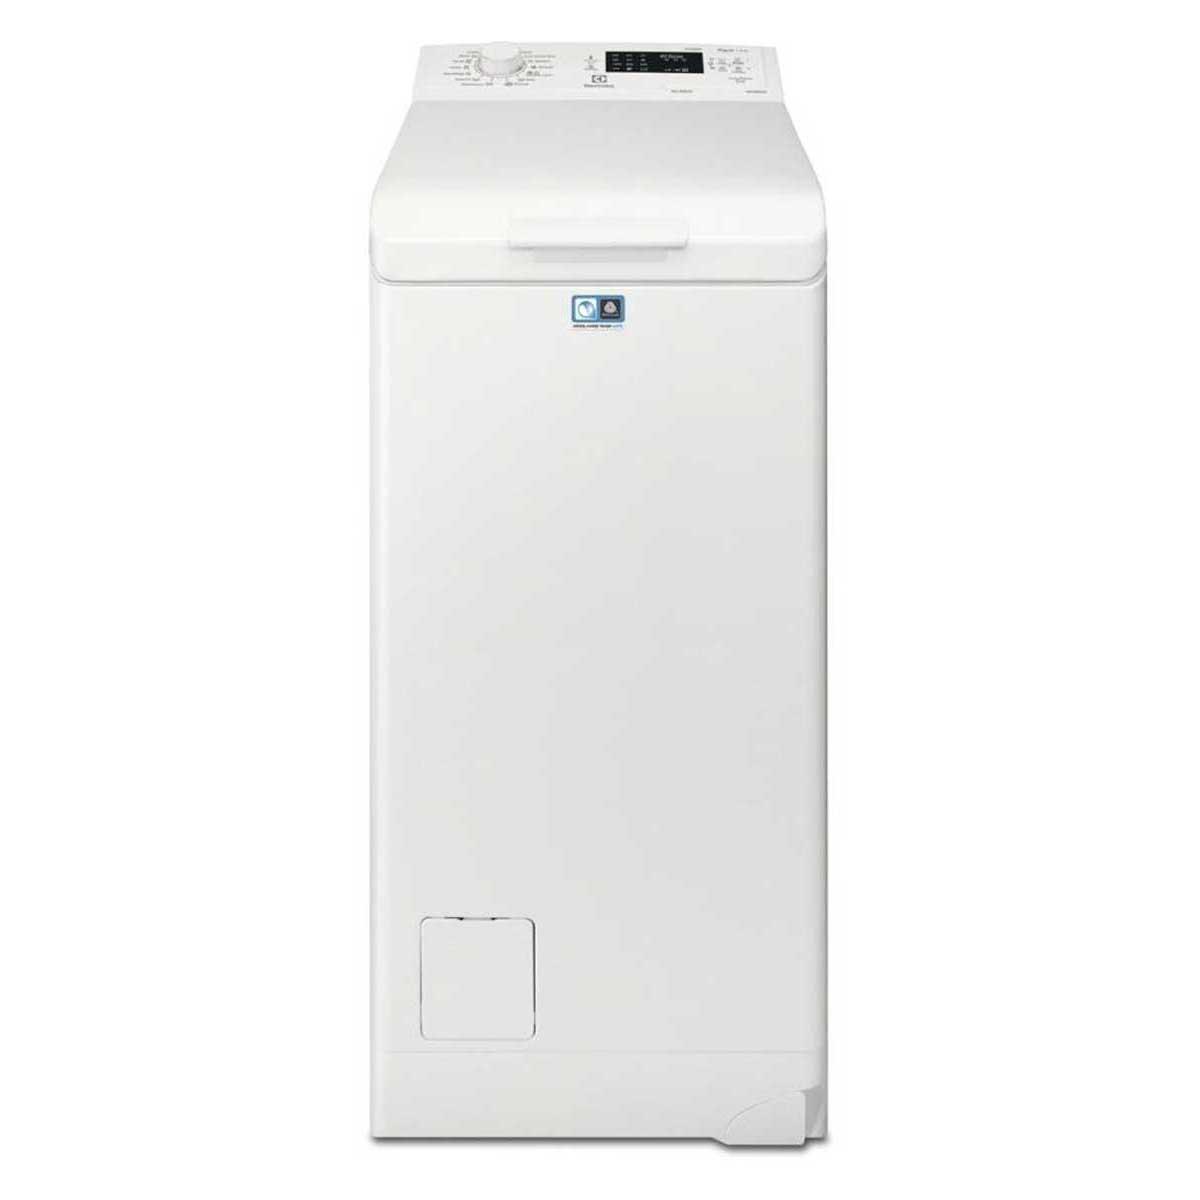 recensione ELECTROLUX EW6T560U